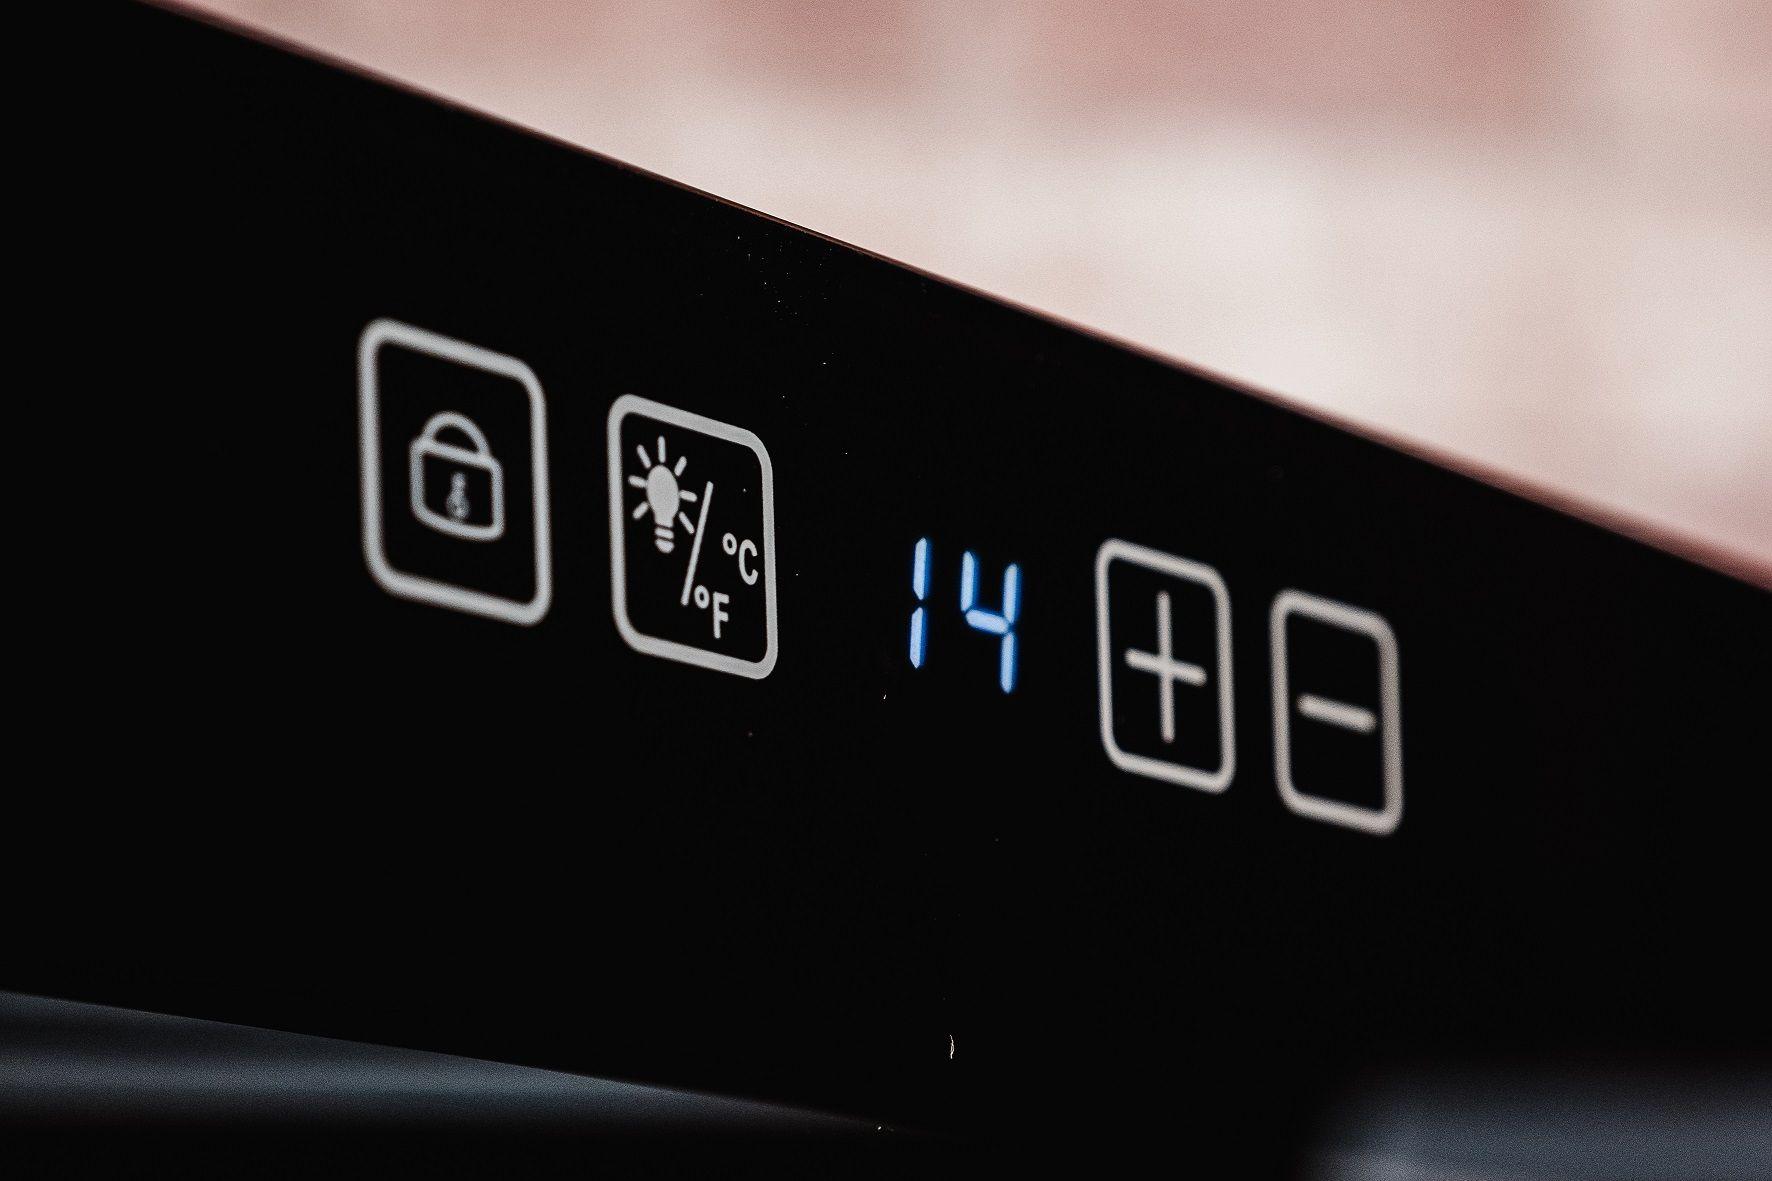 """O painel eletrônico dessa adega possui sistema """"touch screen"""" e é bem fácil de usar (Foto: Zoom)"""